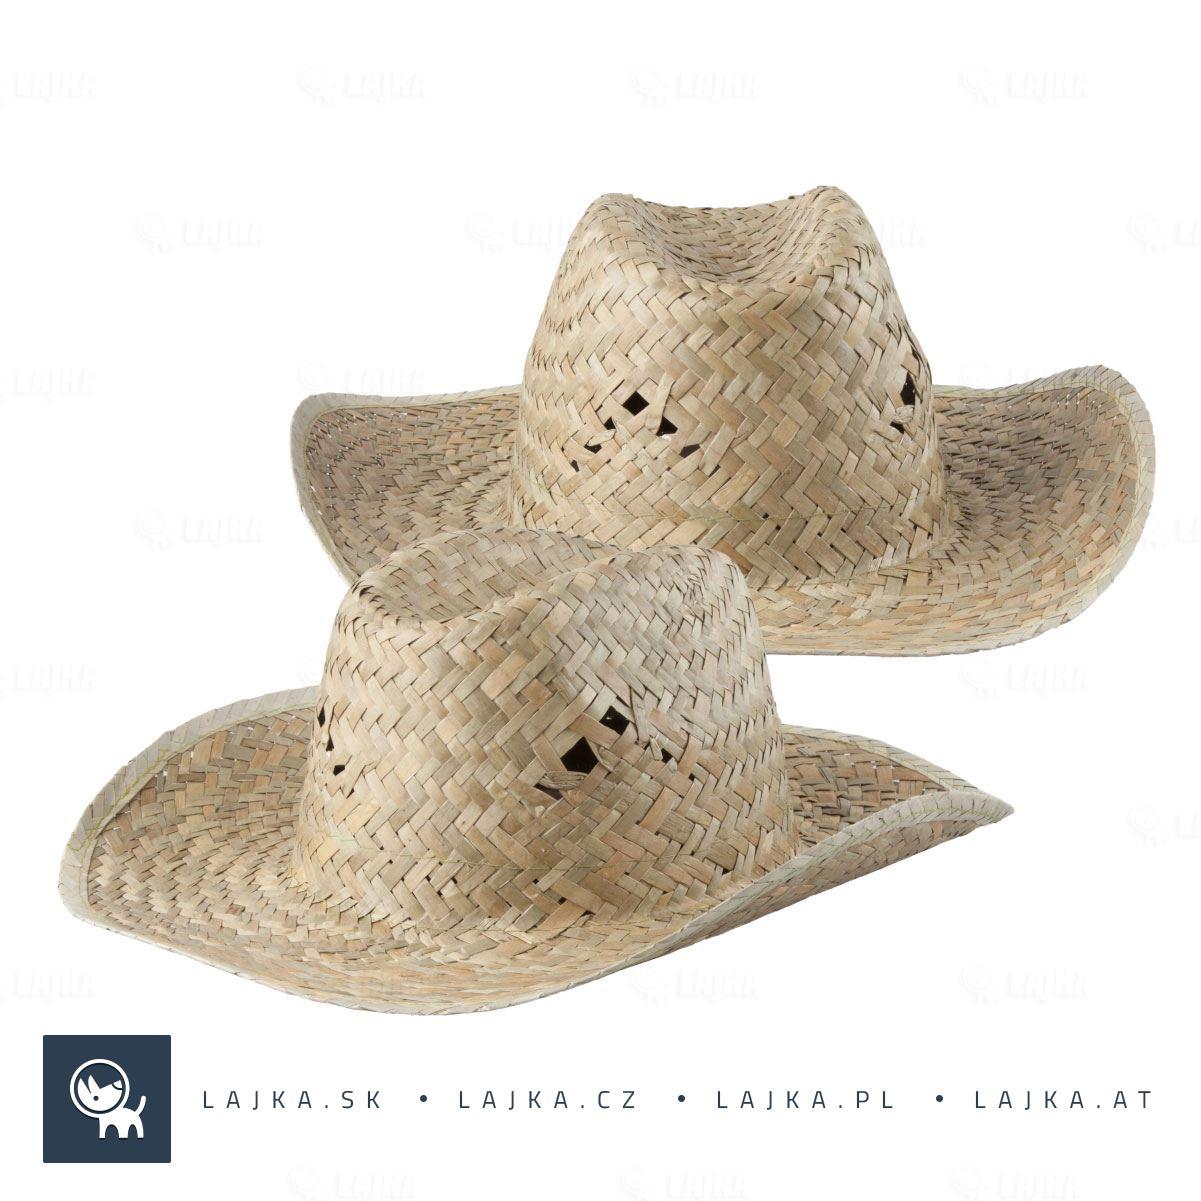 539e81349 Slamený klobúk Bull | Reklamné Predmety